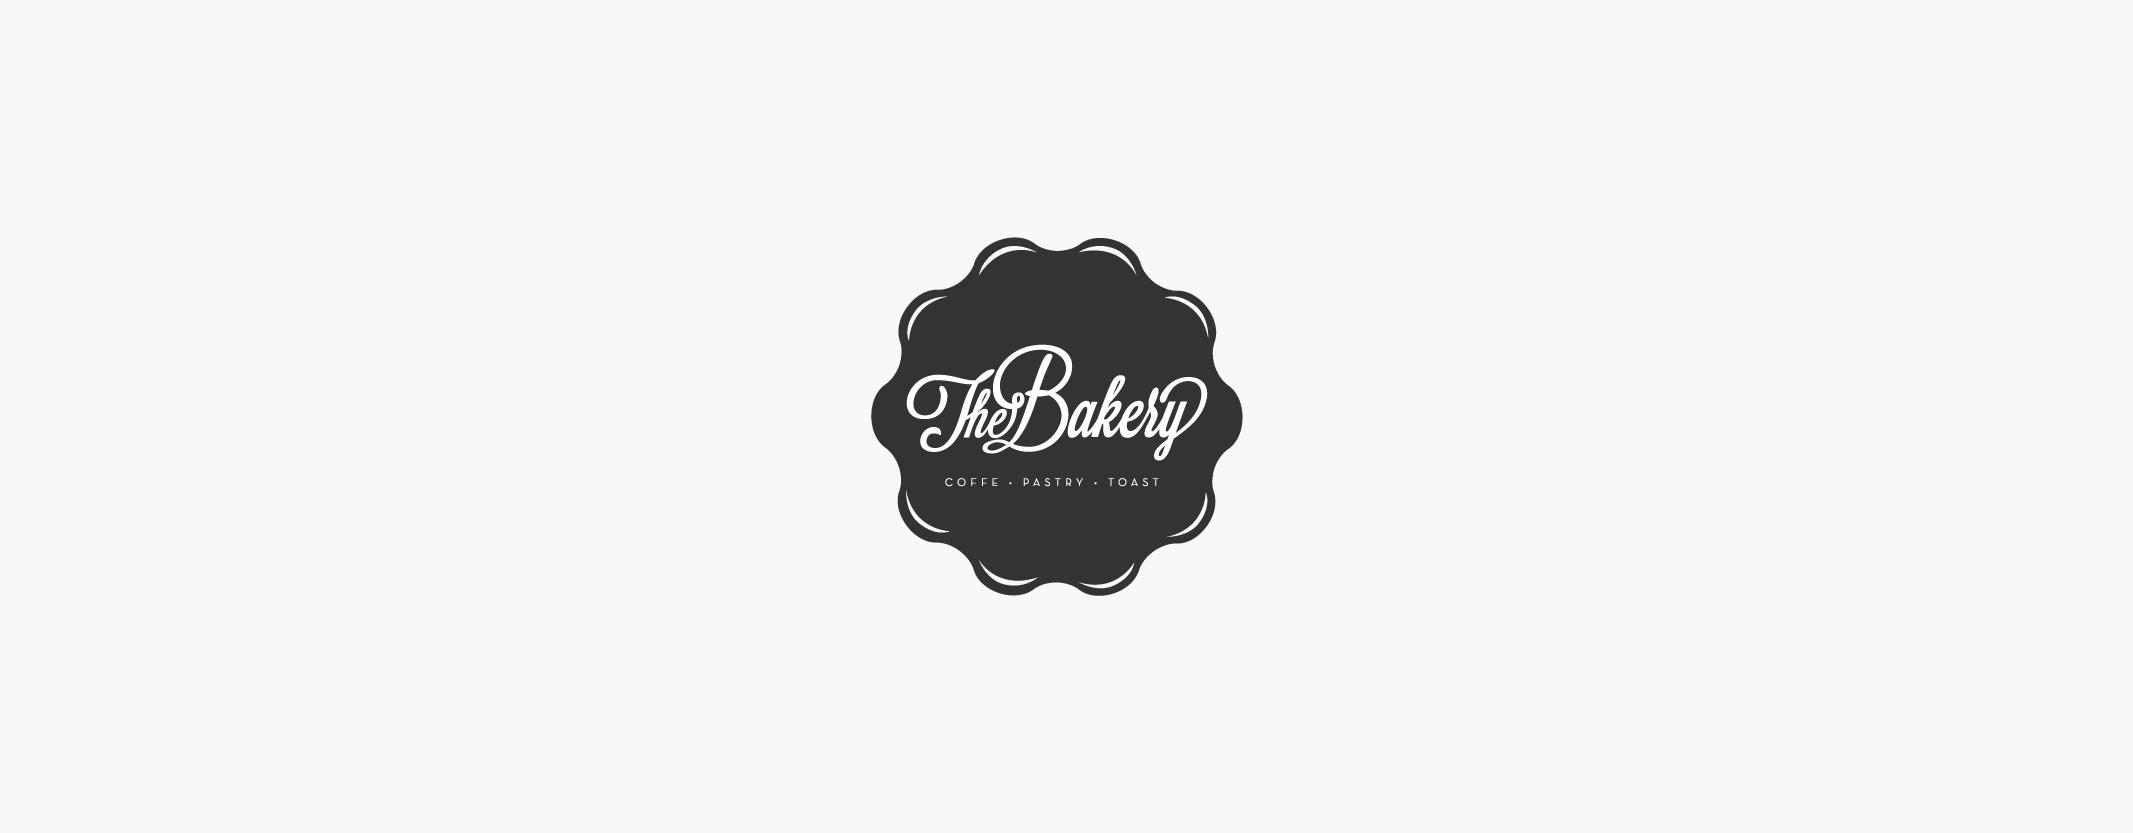 46_logos_thebakery